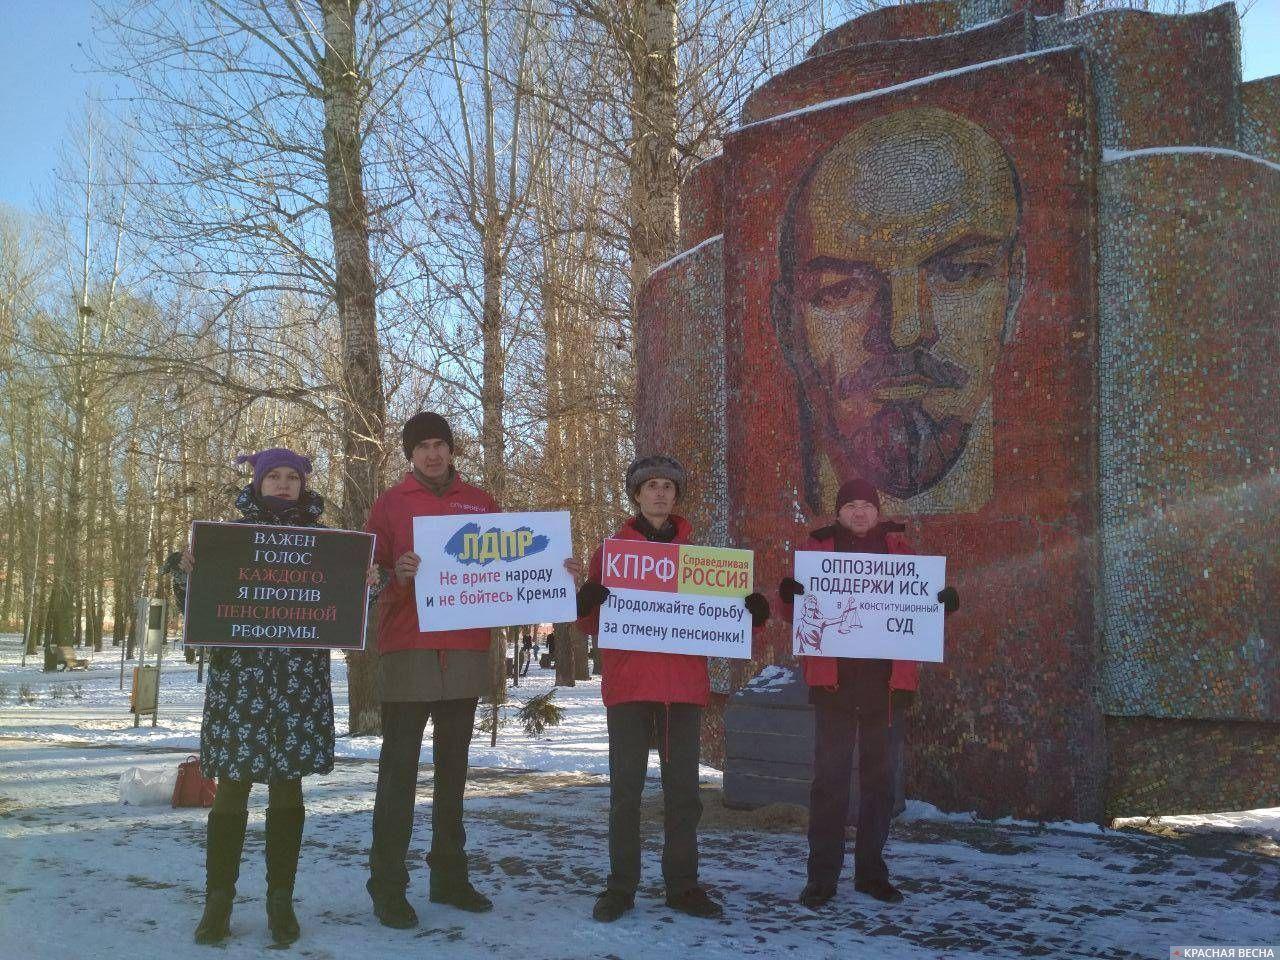 Пикет против пенсионной реформы в Казани 1 декабря